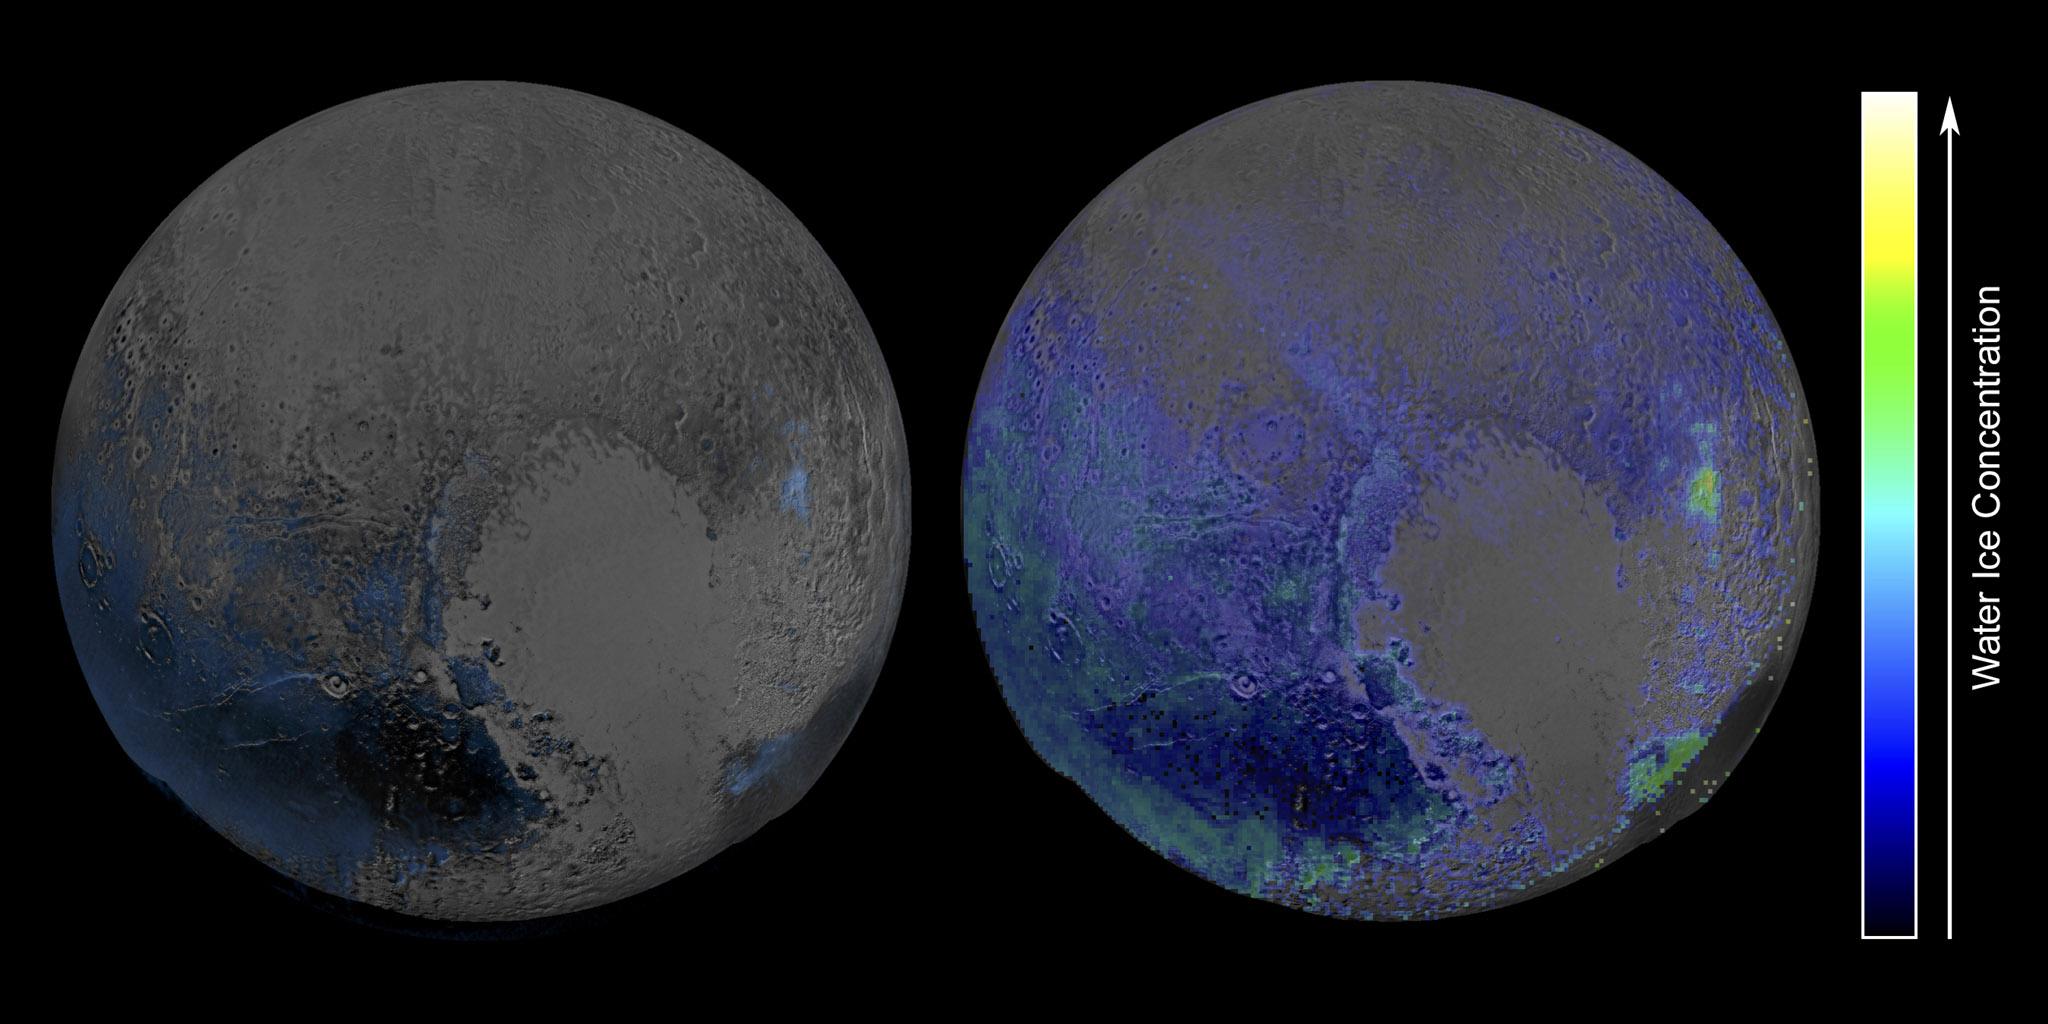 Esta imagen en color falso, derivado de las observaciones en luz infrarroja por el instrumento LEISA, donde muestra las características espectrales de hielo de agua son abundantes en la superficie de Plutón basado en dos exploraciones obtenidas por New Horizons de la NASA el 14 de julio de 2015.